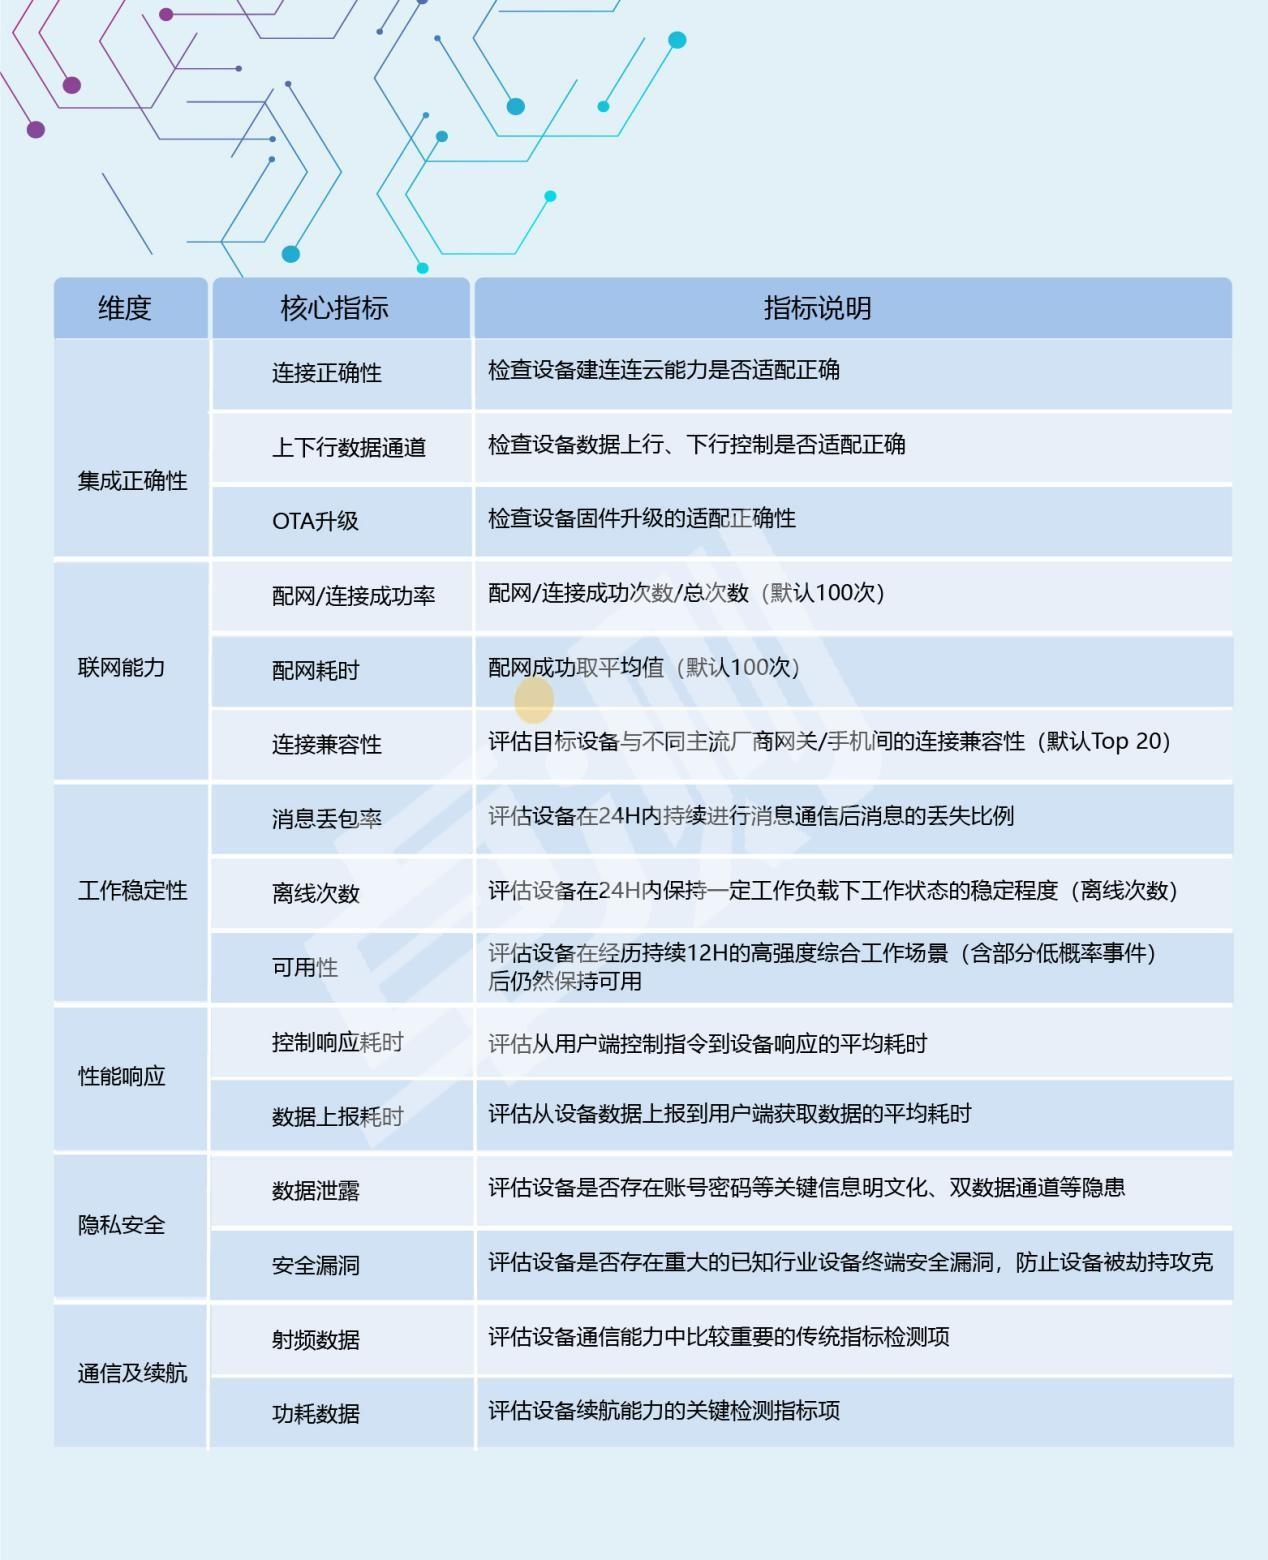 博为峰为国际知名卫浴商提供物联网测试服务